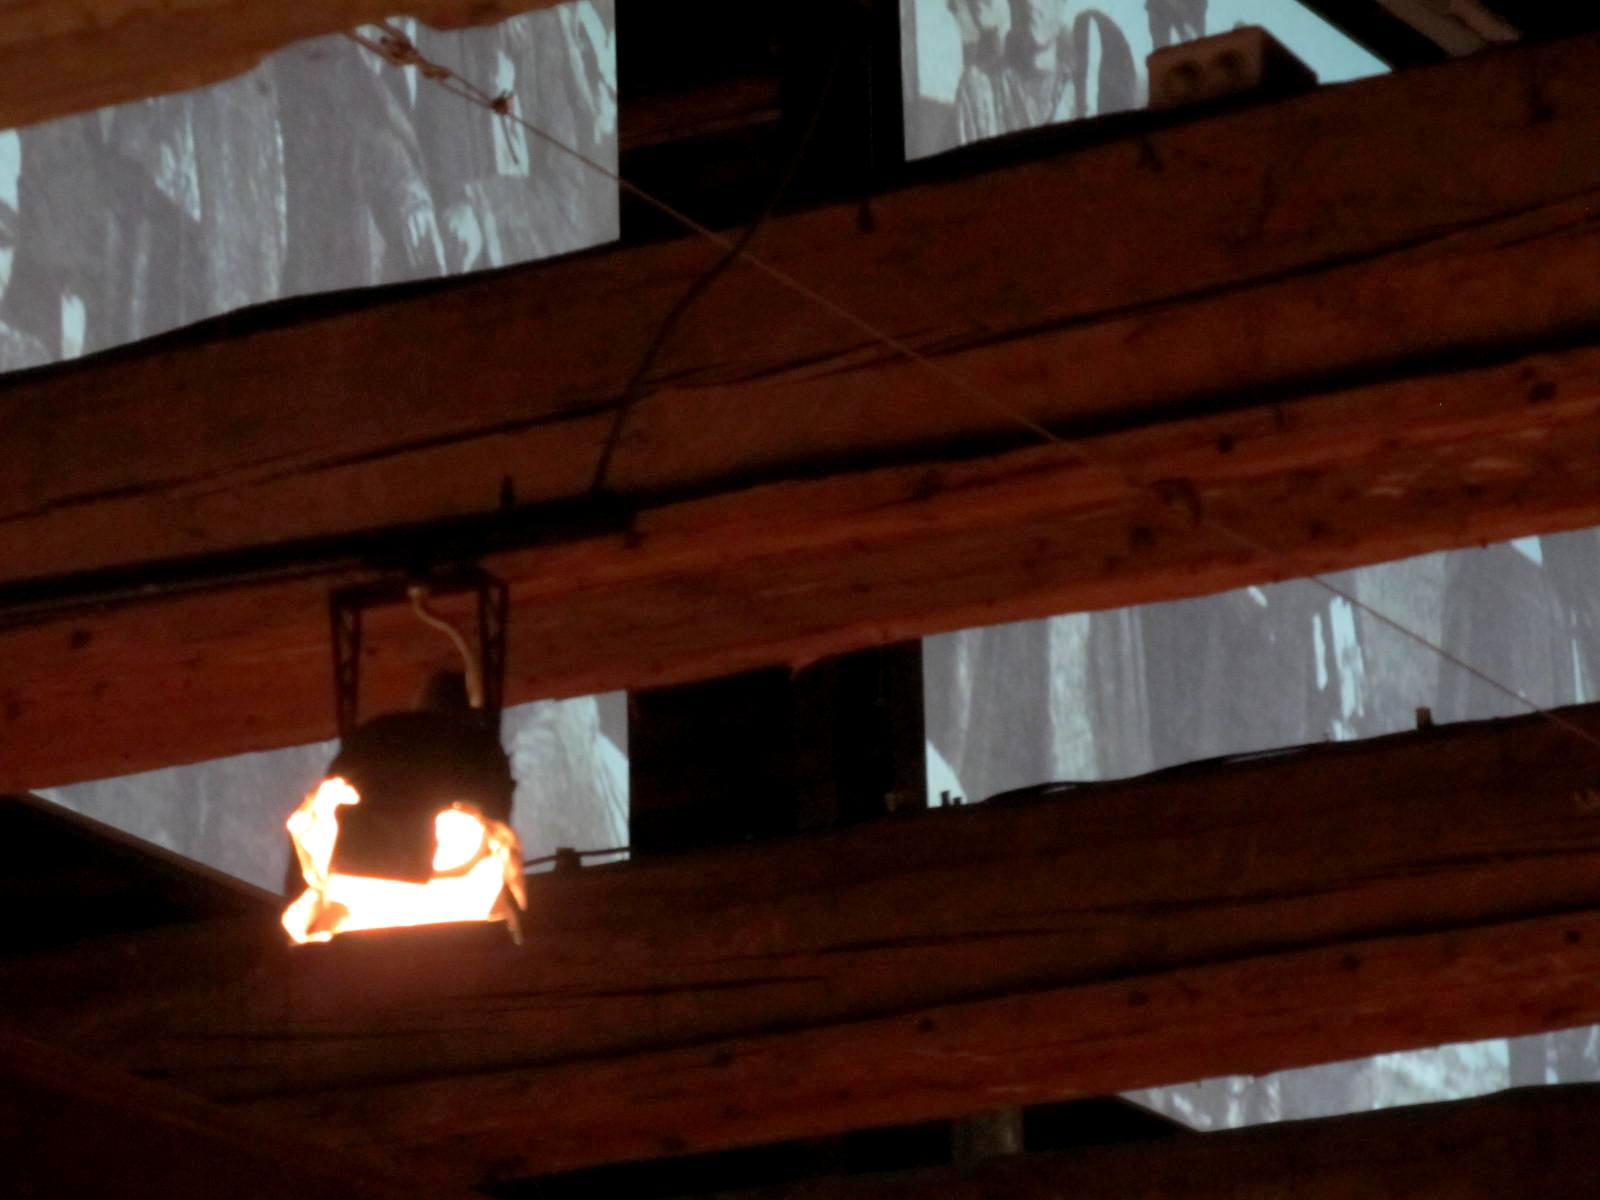 Подвалы арт-технологий современного искусства в МА имени А.В.Щусева. Вместе и врозь... насквозь. Автор фото председатель НСНБР А.Г.Огнивцев IMG_6547